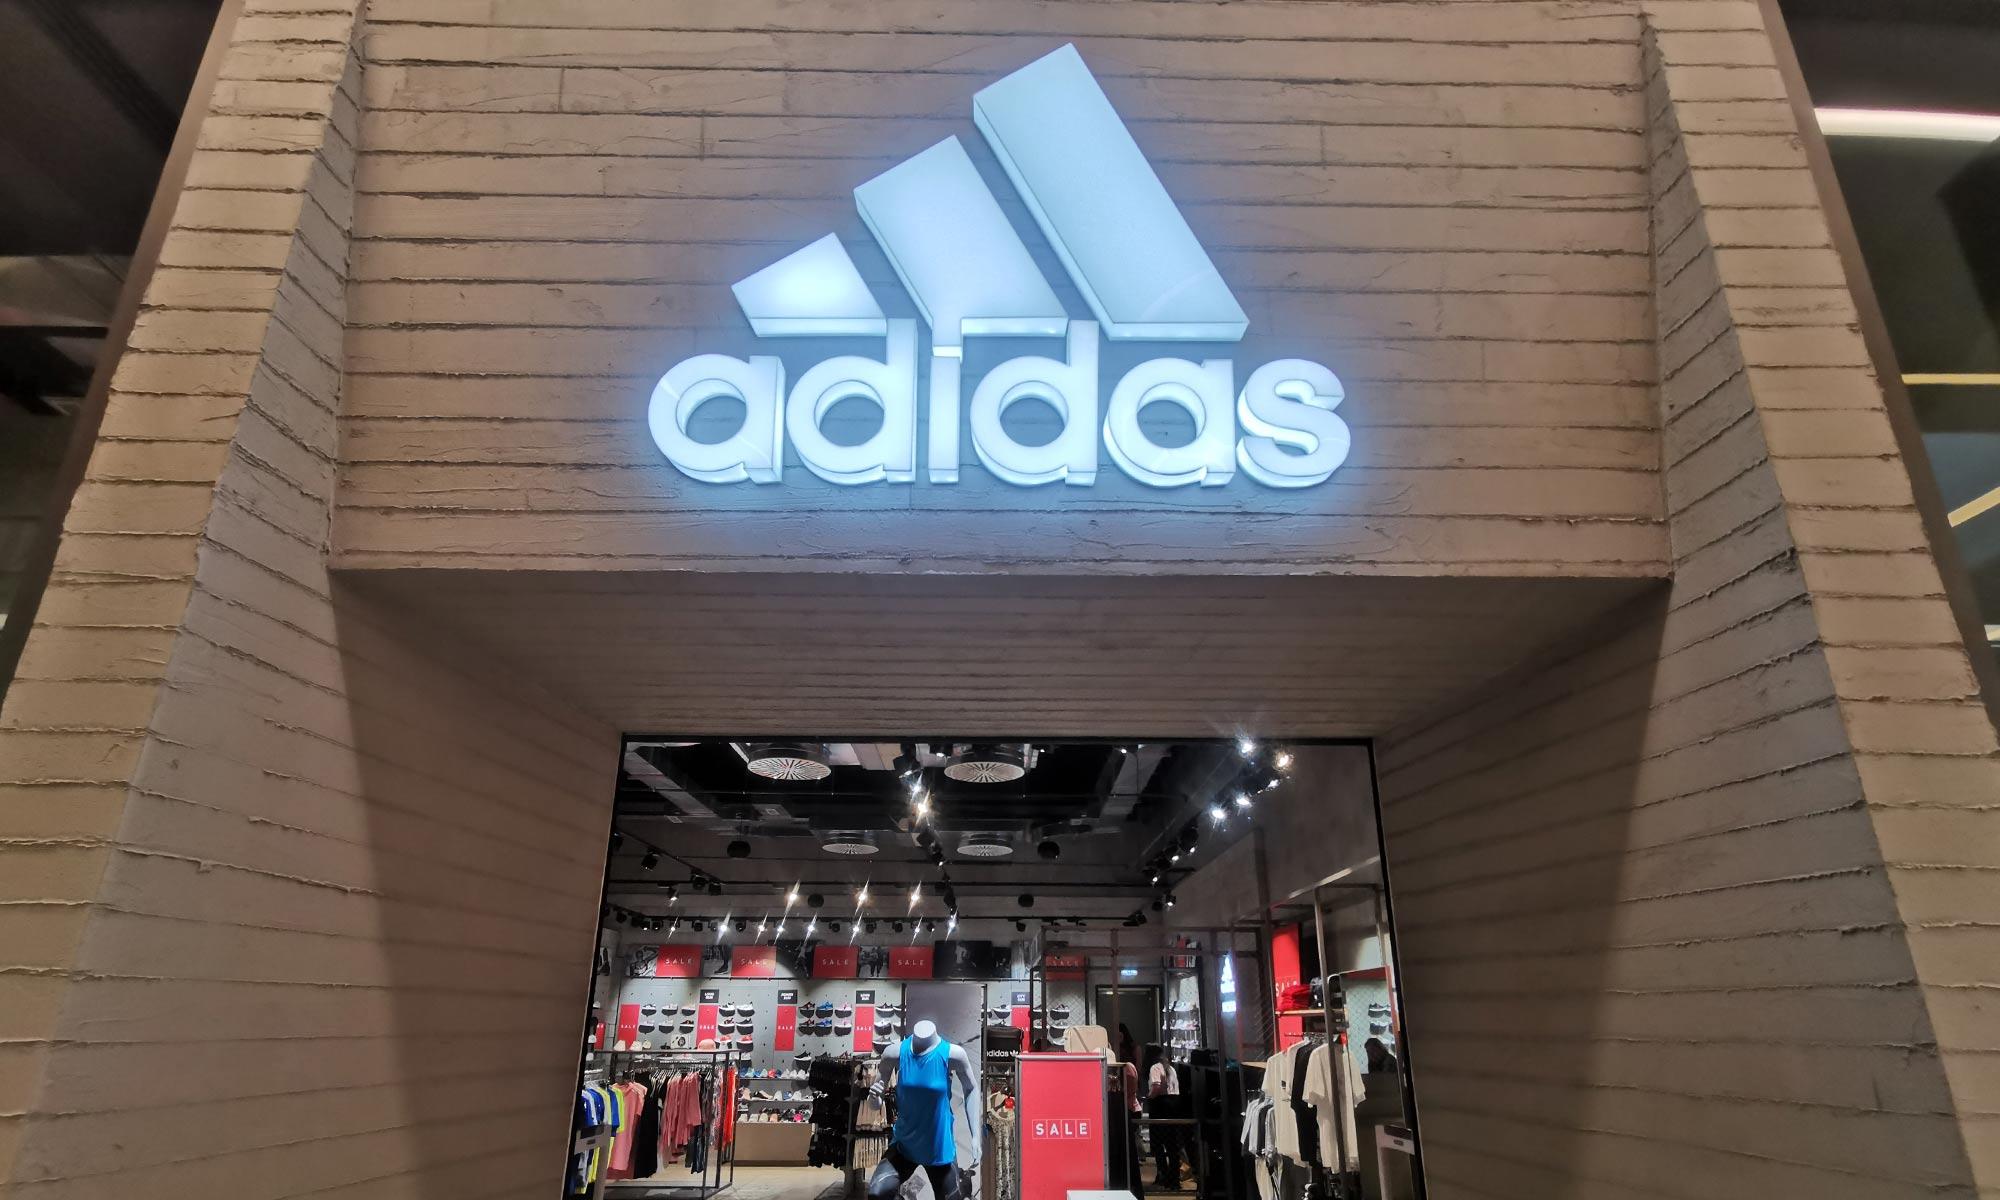 https://www.atelierzoz.com/wp-content/uploads/2020/03/works_atelierzoz_adidas-nicosia-1.jpg